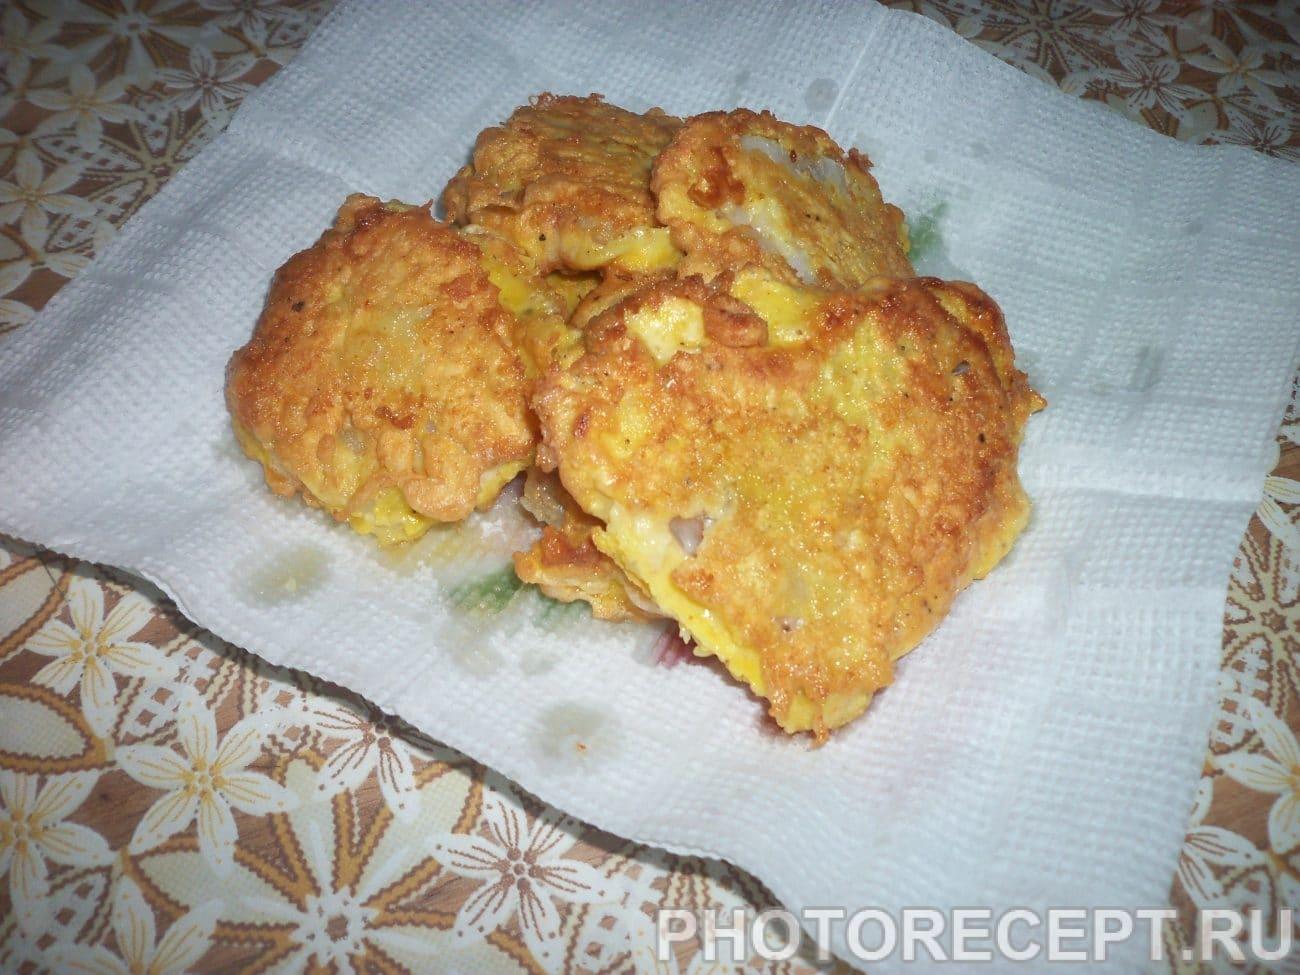 Филе минтая жареное рецепт пошагово